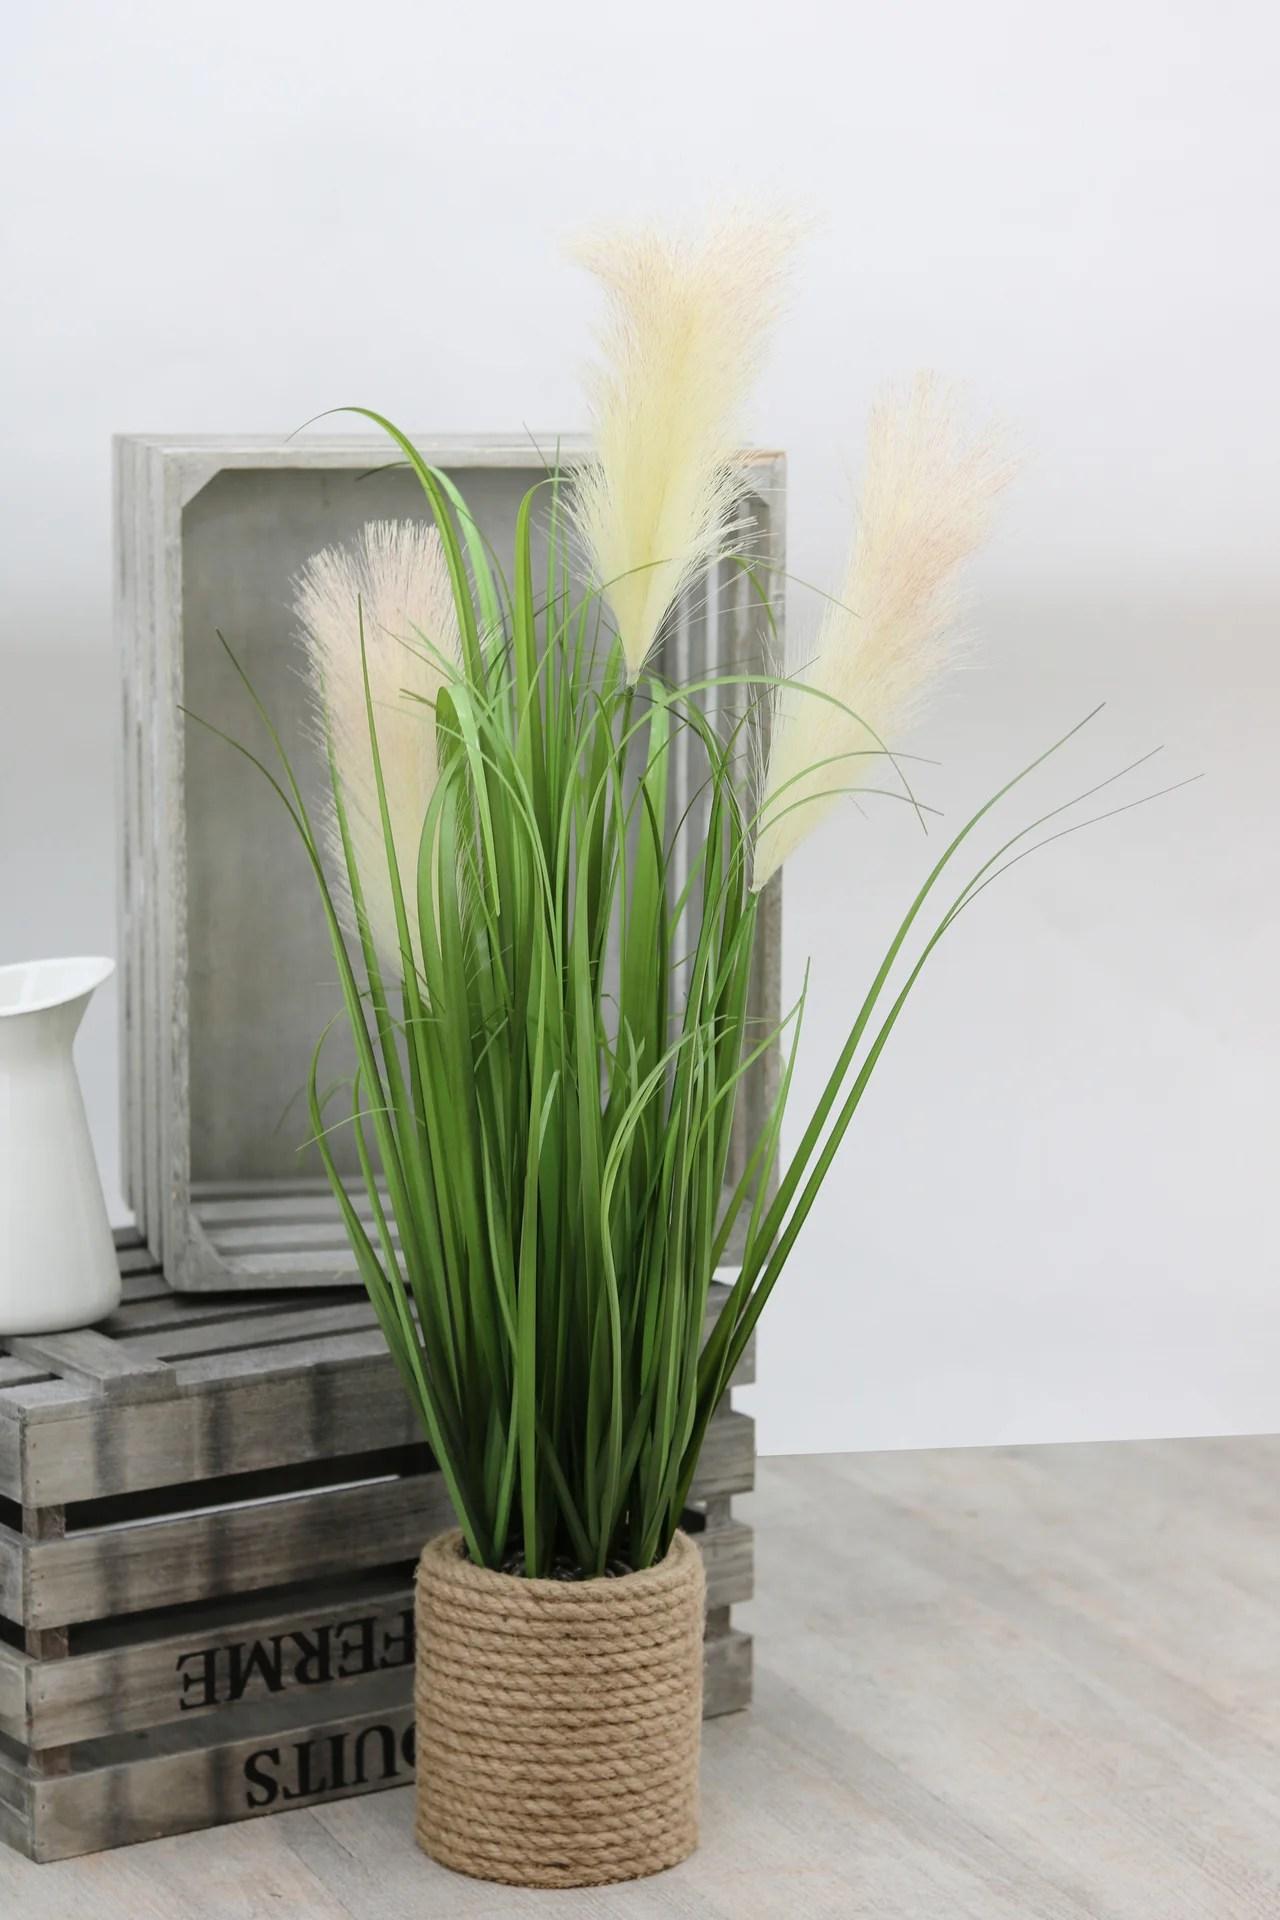 Herbe Pampa Graminees Artificielles Plumeaux Blancs Pot Cordage 80cm Ligne Deco Leroy Merlin